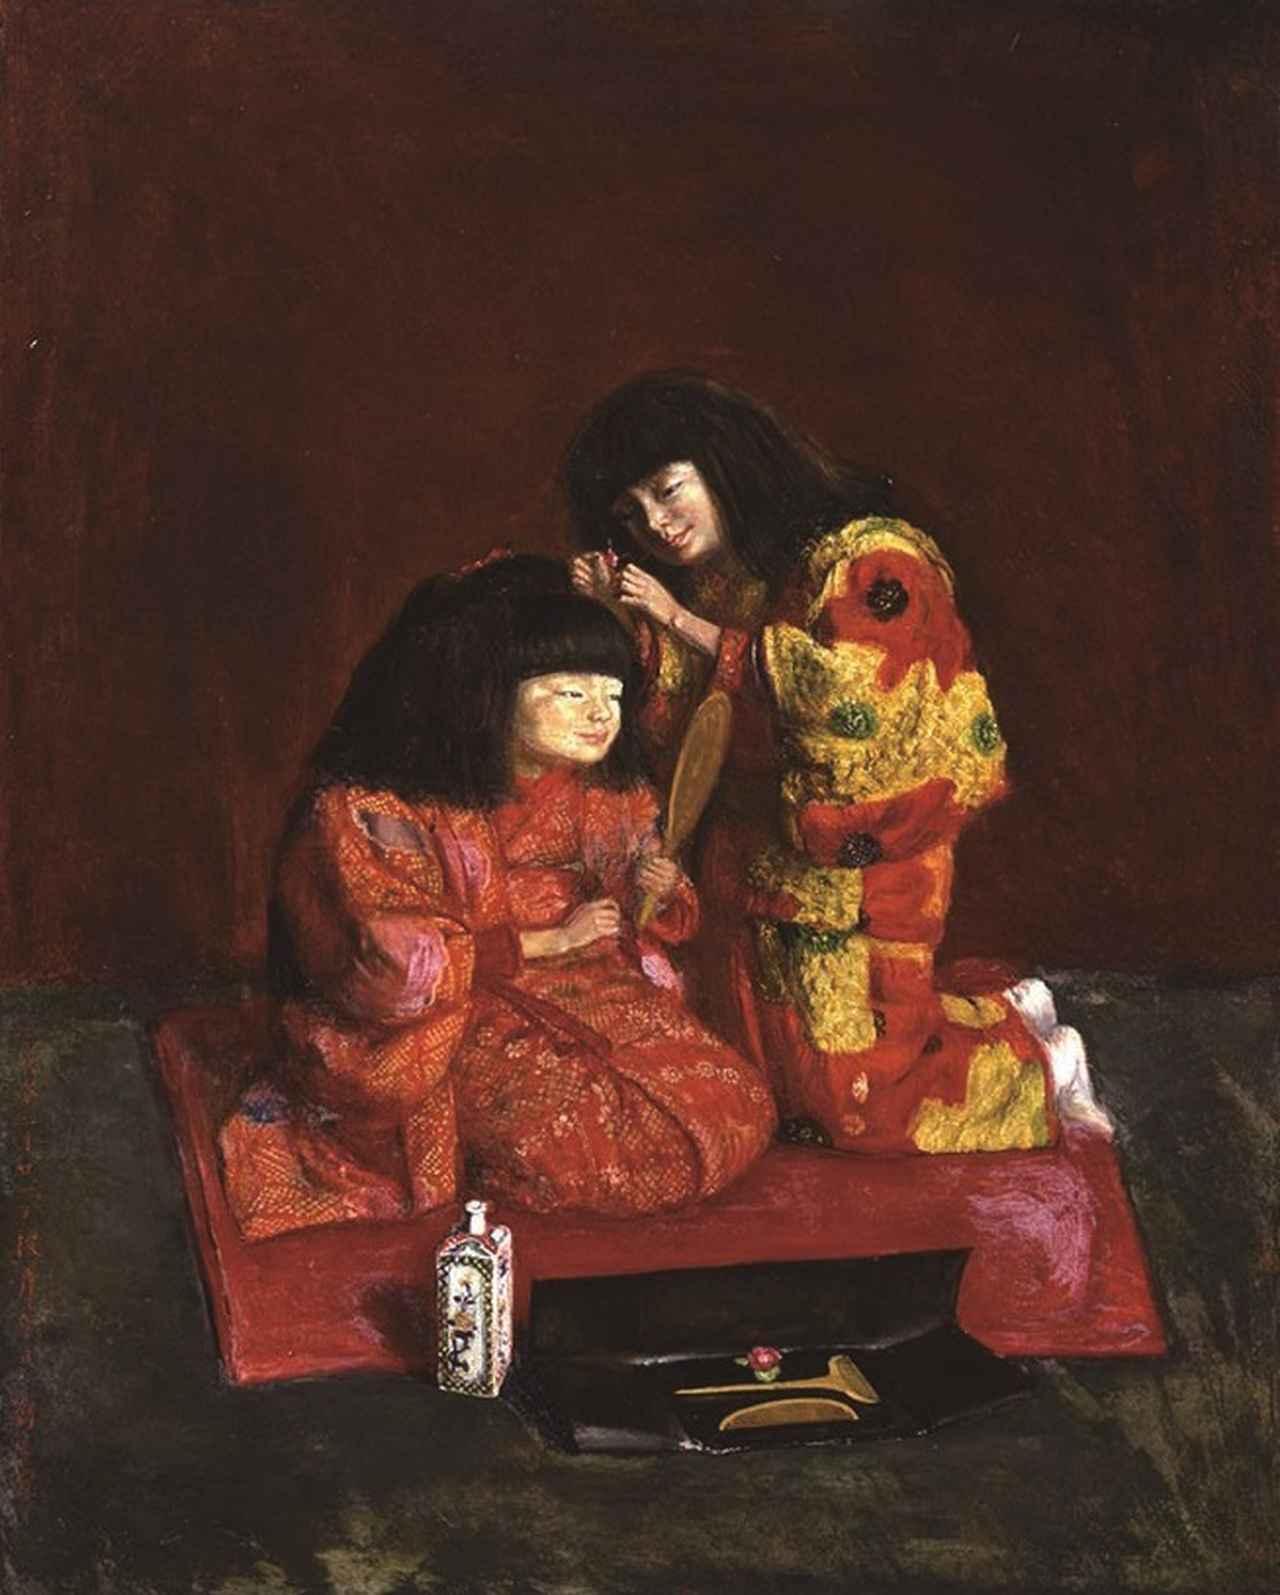 画像: 《二人麗子図(童女飾髪図)》 1922 年 3 月 21 日 油彩/麻布 100.3×80.3cm 泉屋博古館分館